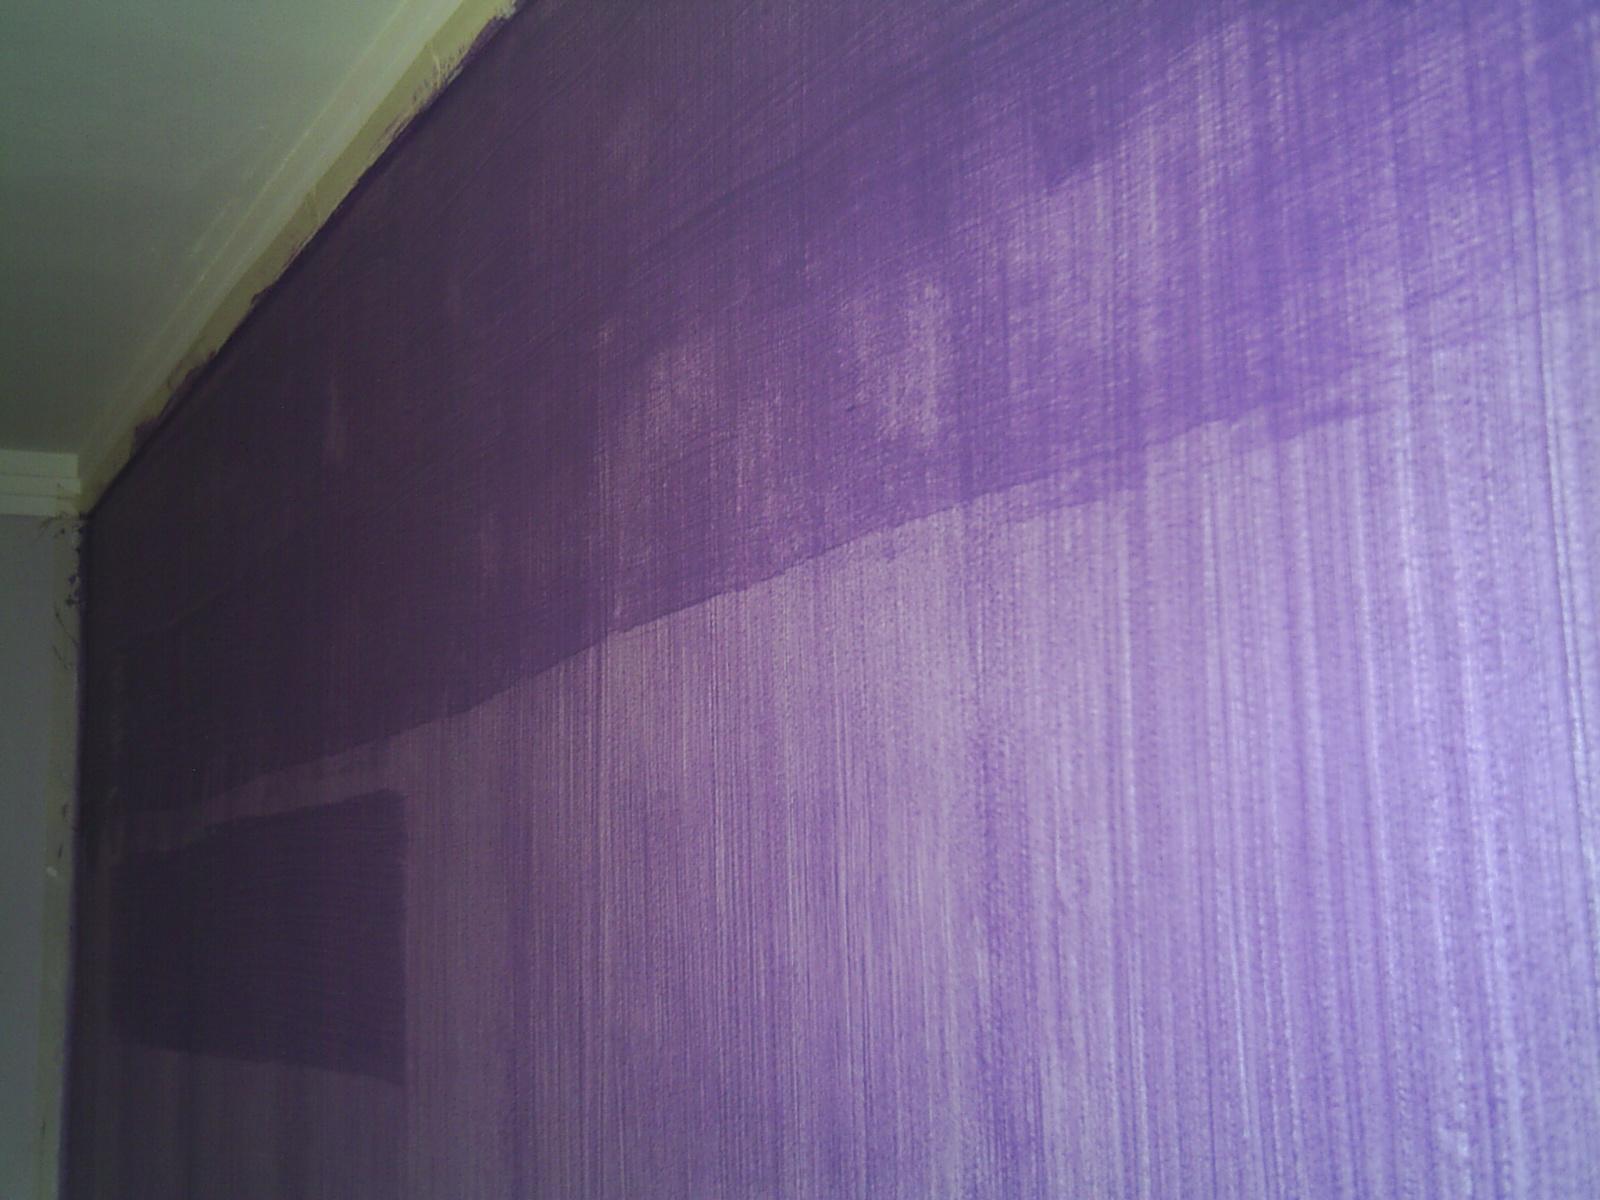 tintas para parede cores e preos de tintas suvinil